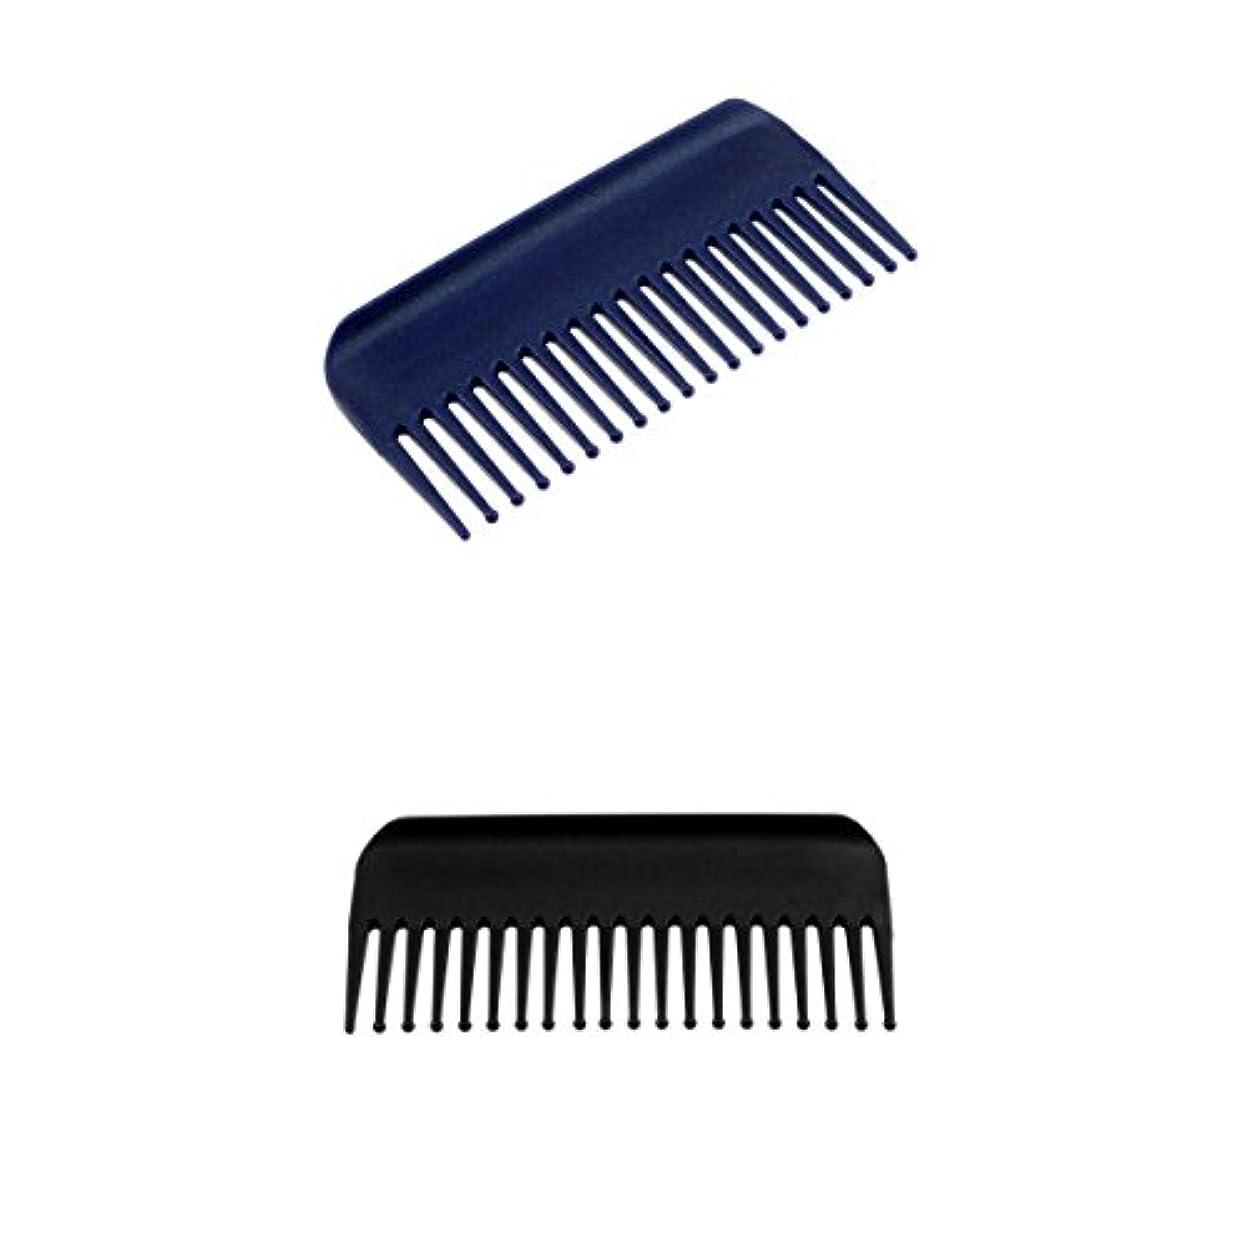 夕食を食べる道路を作るプロセスチーター2個19歯解くこと髪くしヘアコンディショニングレーキくしワイド歯ヘアブラシサロン理容ツール